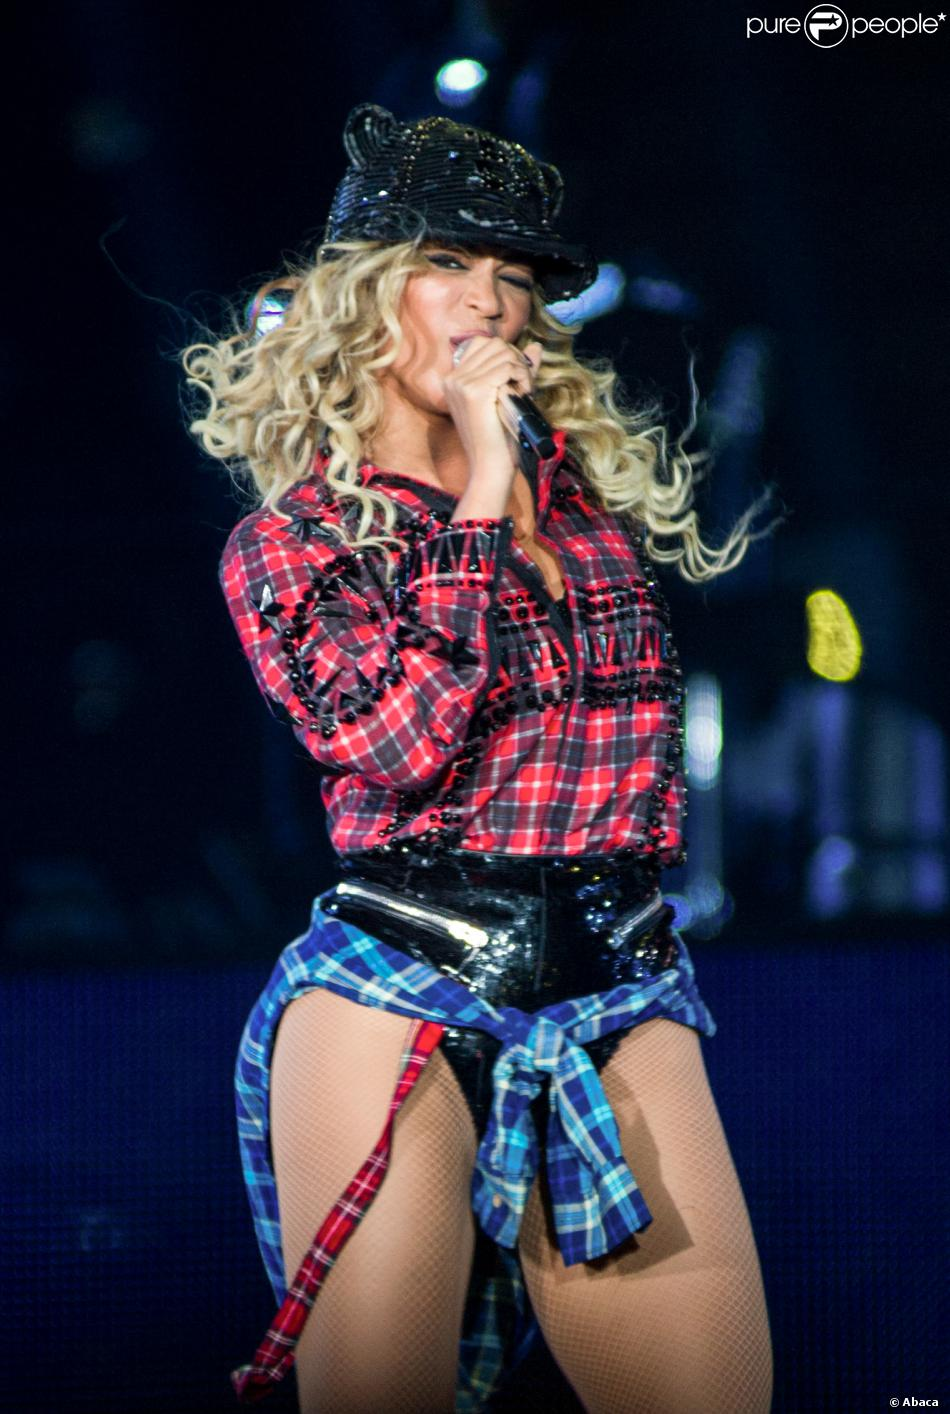 Beyoncé, en concert à la LG Arena à Birmingham, le 24 février 2014.